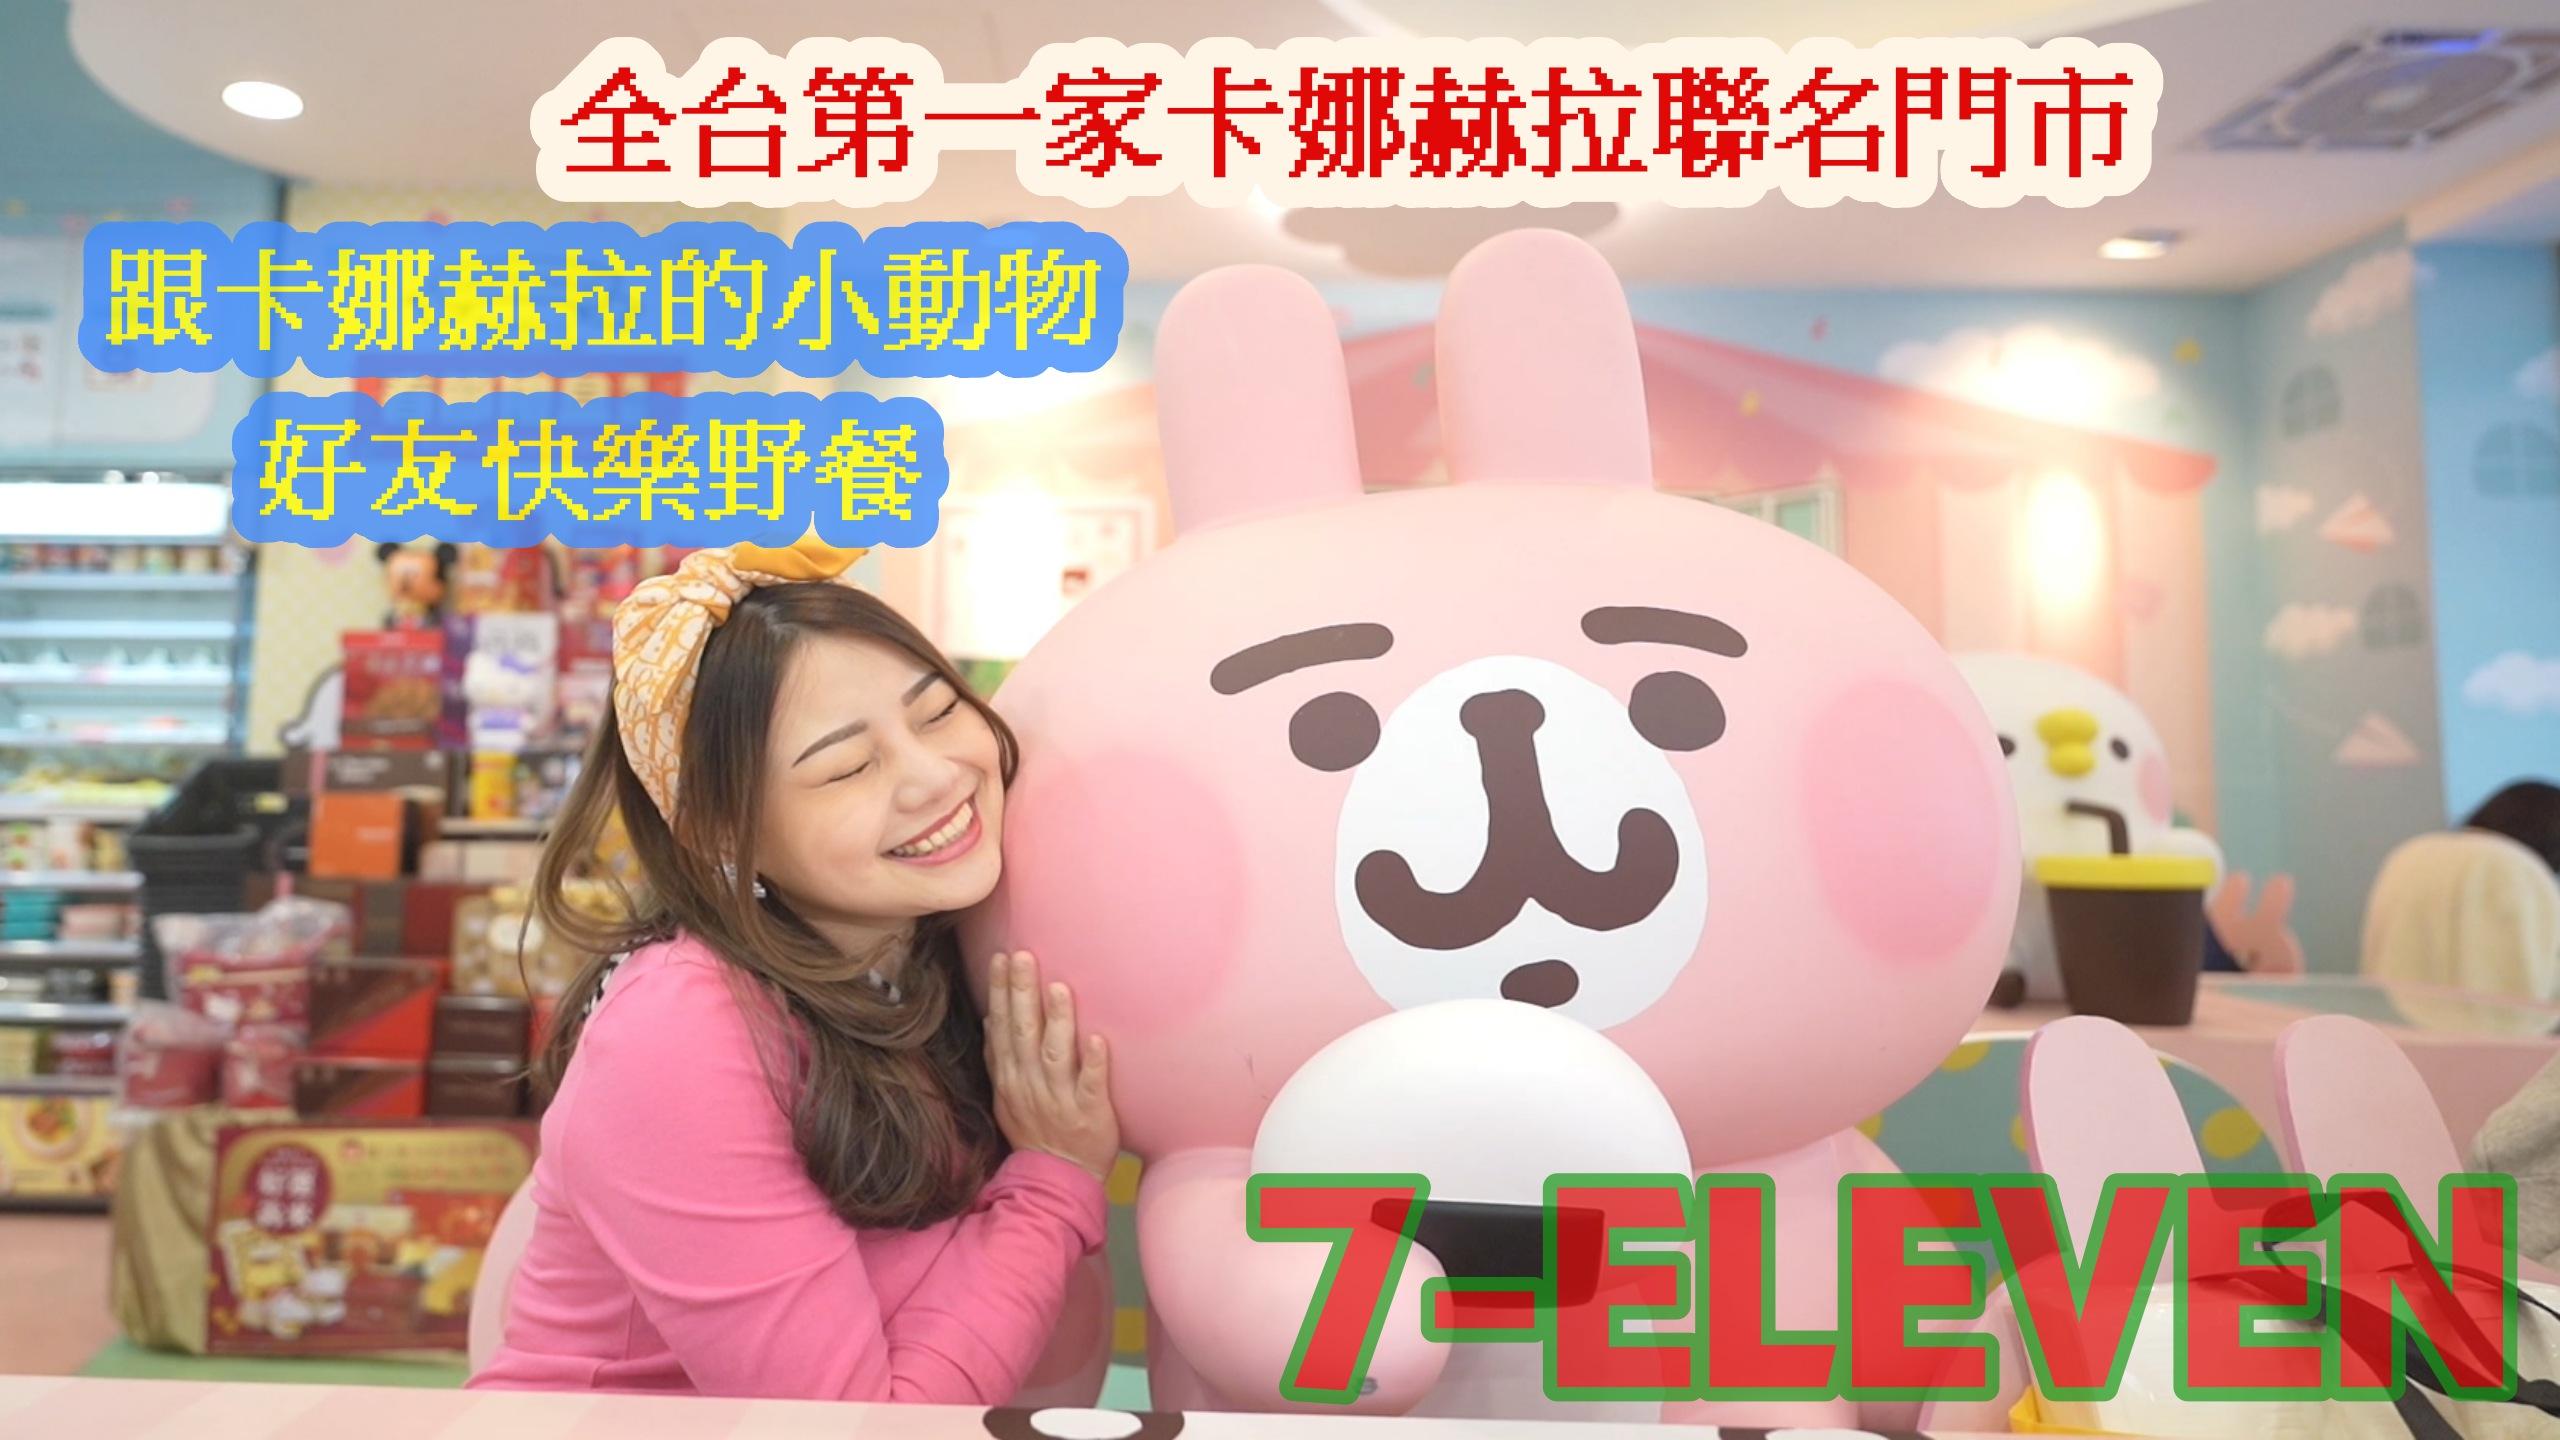 網站近期文章:[7-11特色門市]粉紅兔兔也太可愛 台灣第一間7-11卡娜赫拉聯名門市 各種卡娜赫拉周邊商品跟聯名飲料杯,這麼好拍你去過了嗎  7-11威克門市 南京復興站